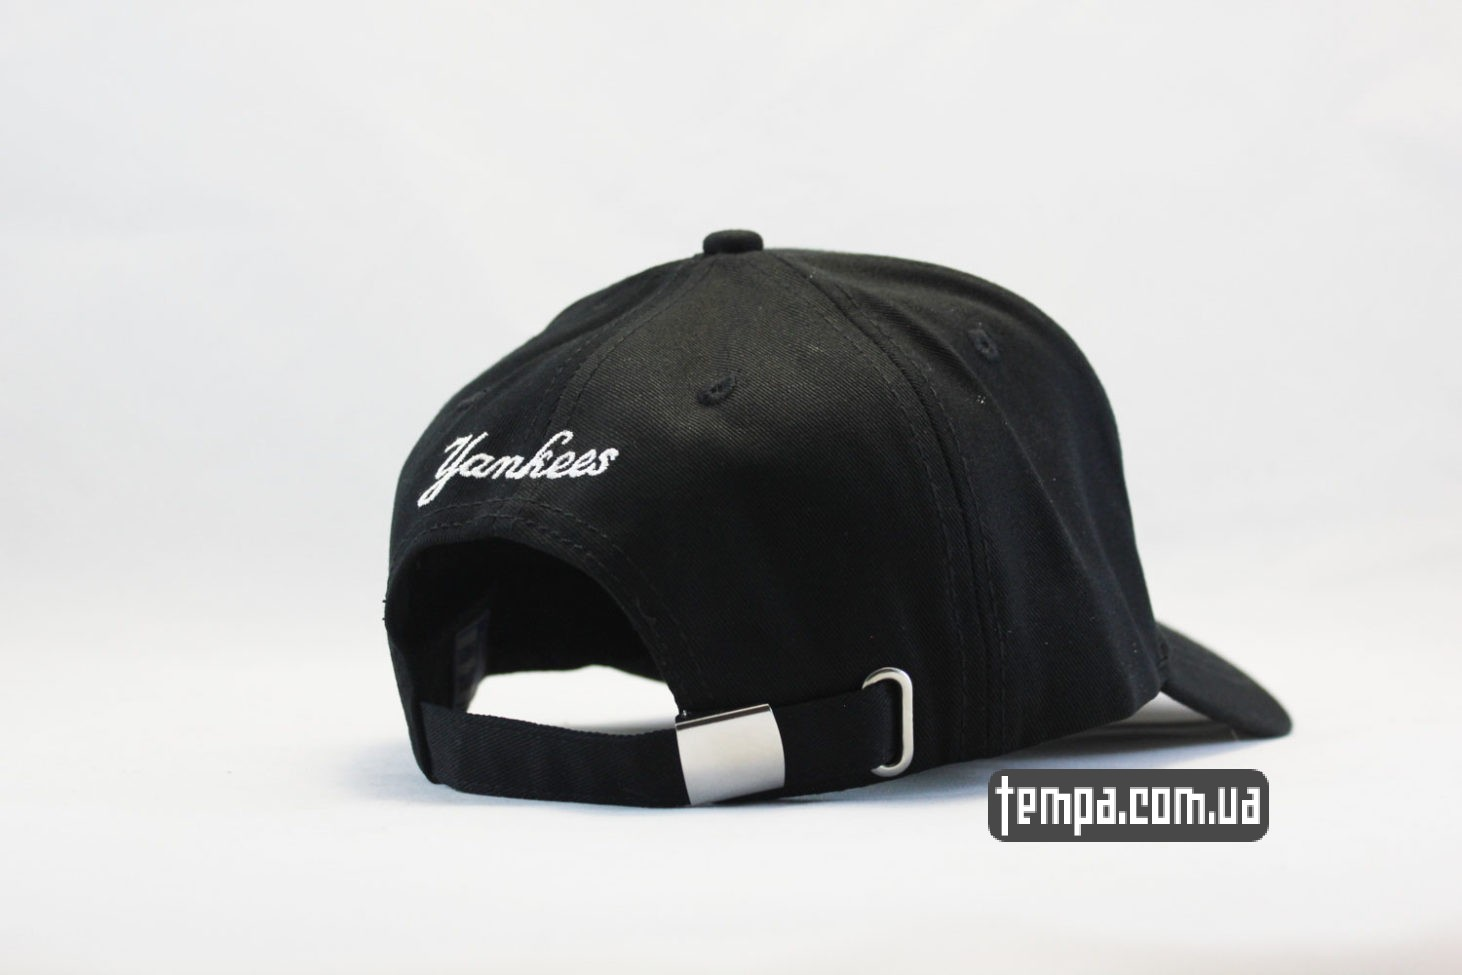 американская бейсбольная кепка бейсболка YANKEES New York New Era черная